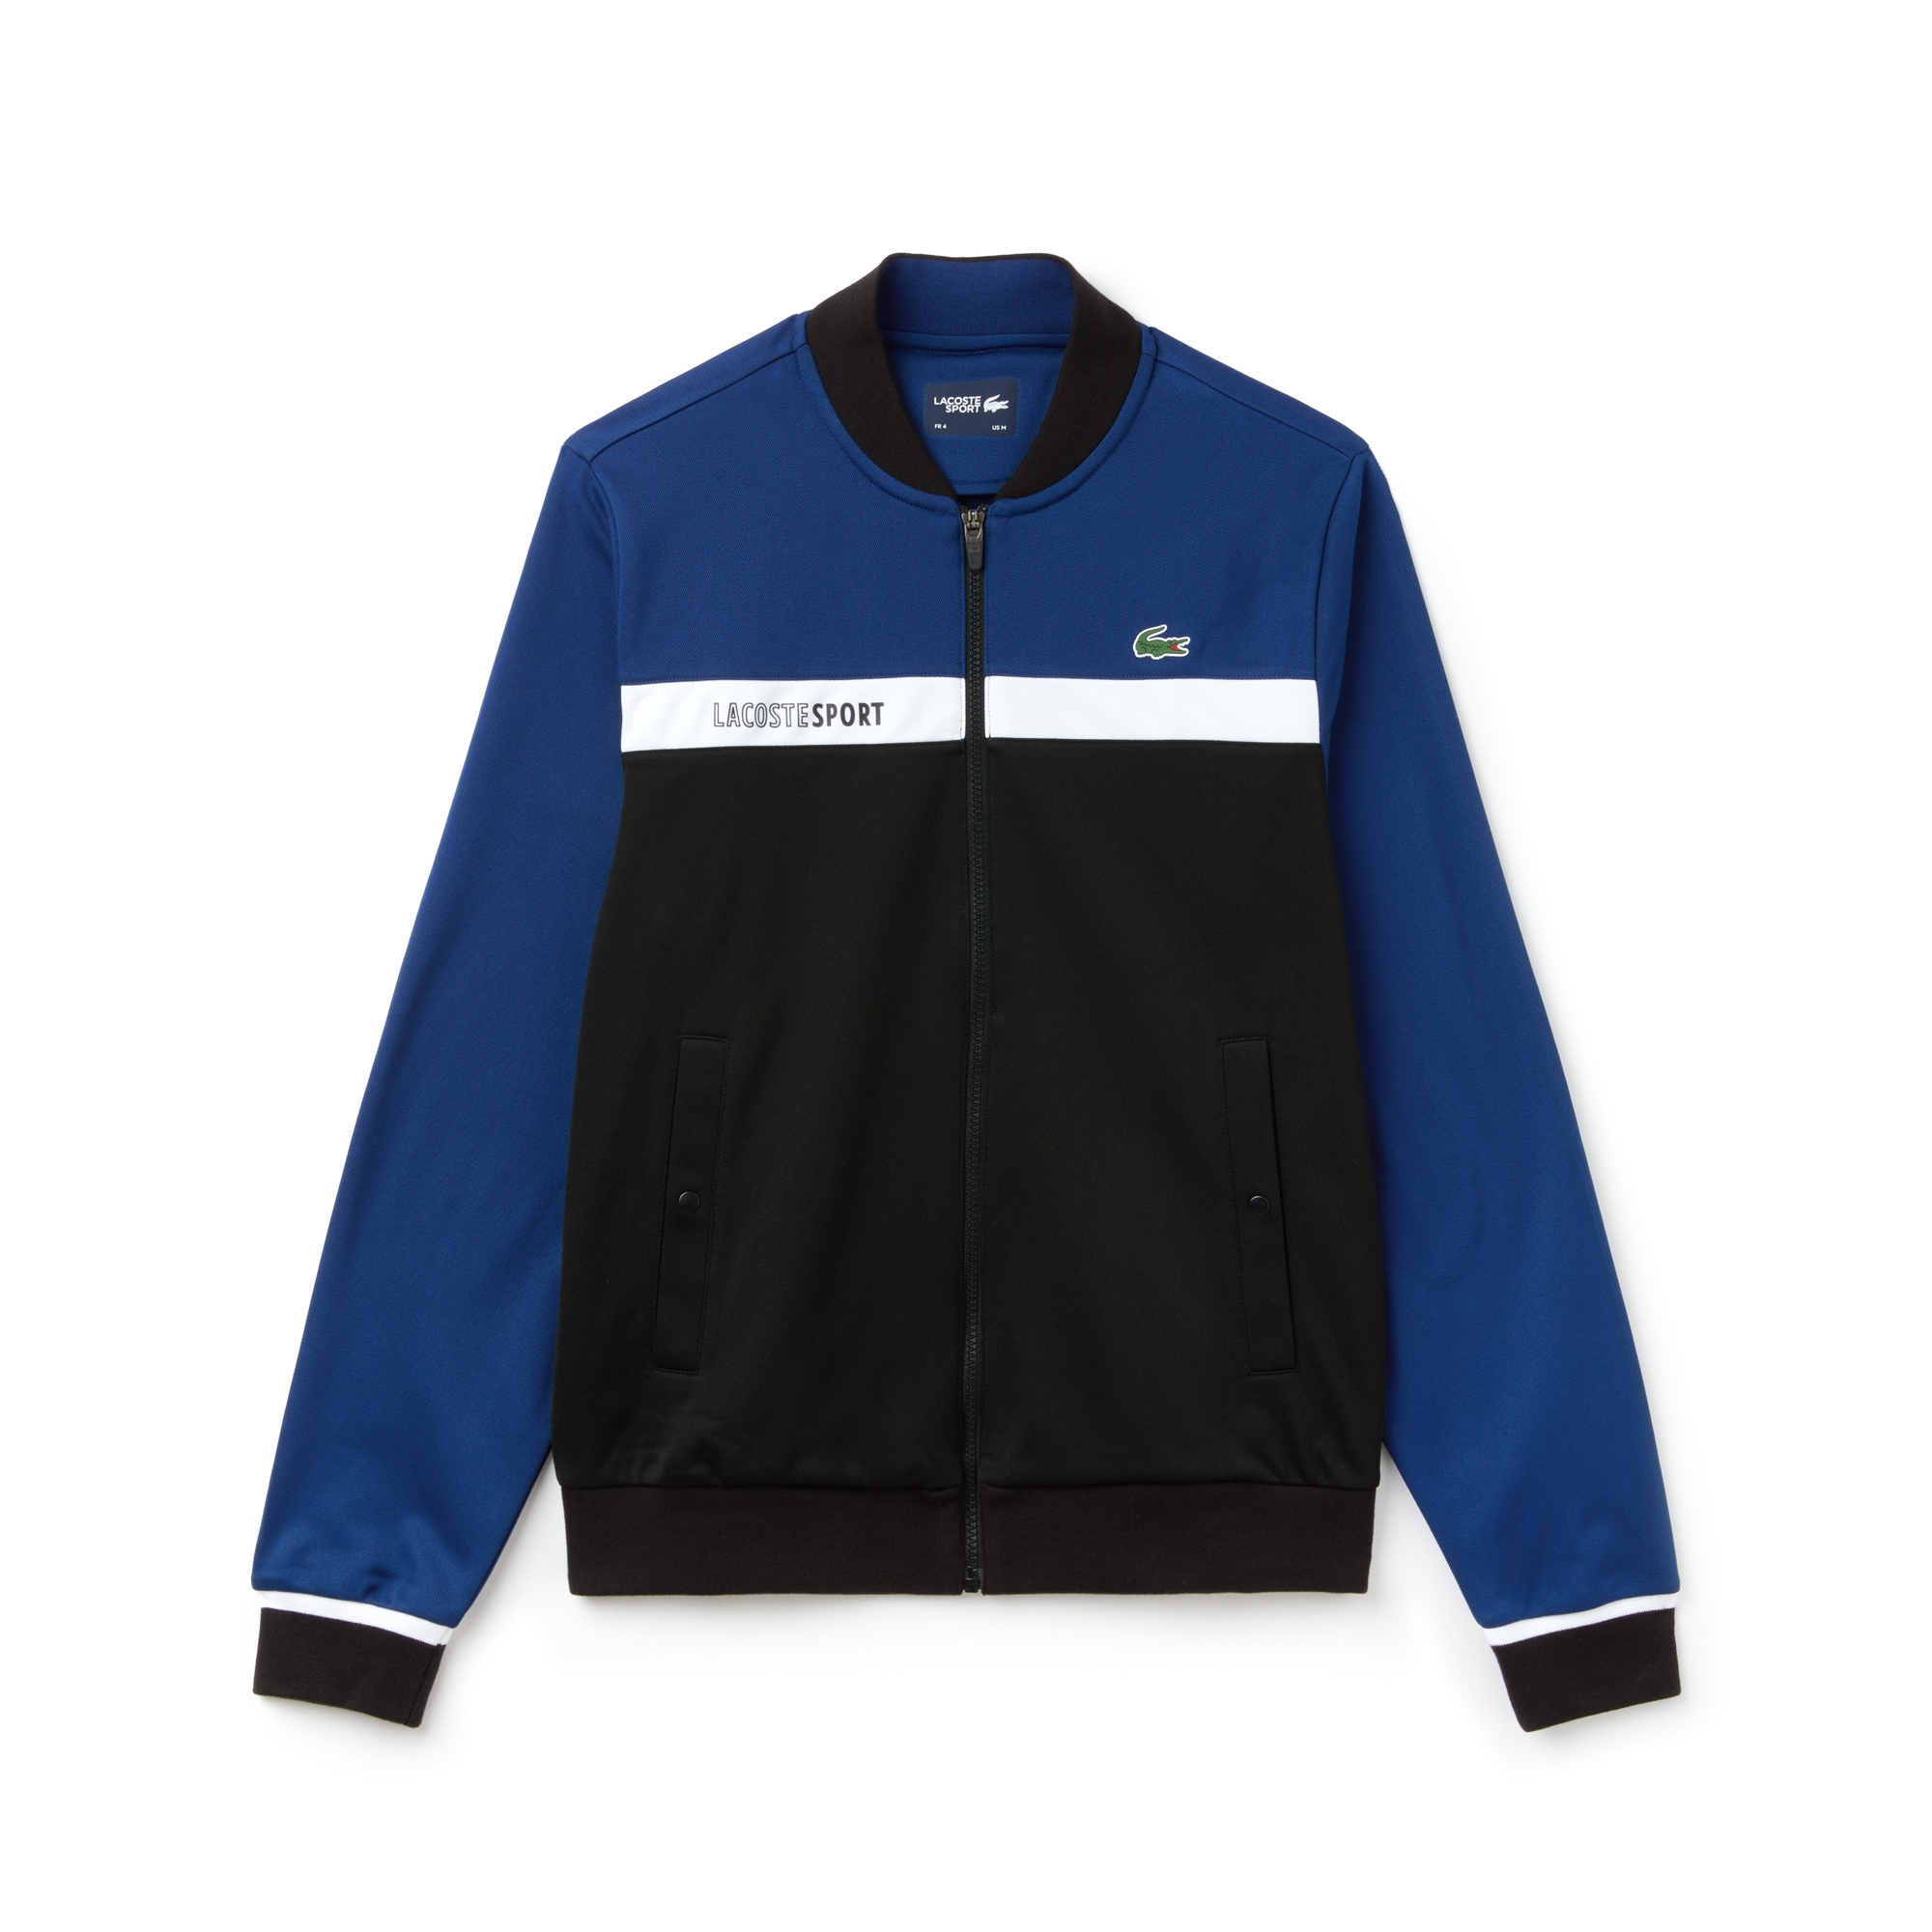 d17874714f Men's SPORT Colorblock Zip Piqué Tennis Sweatshirt | LACOSTE